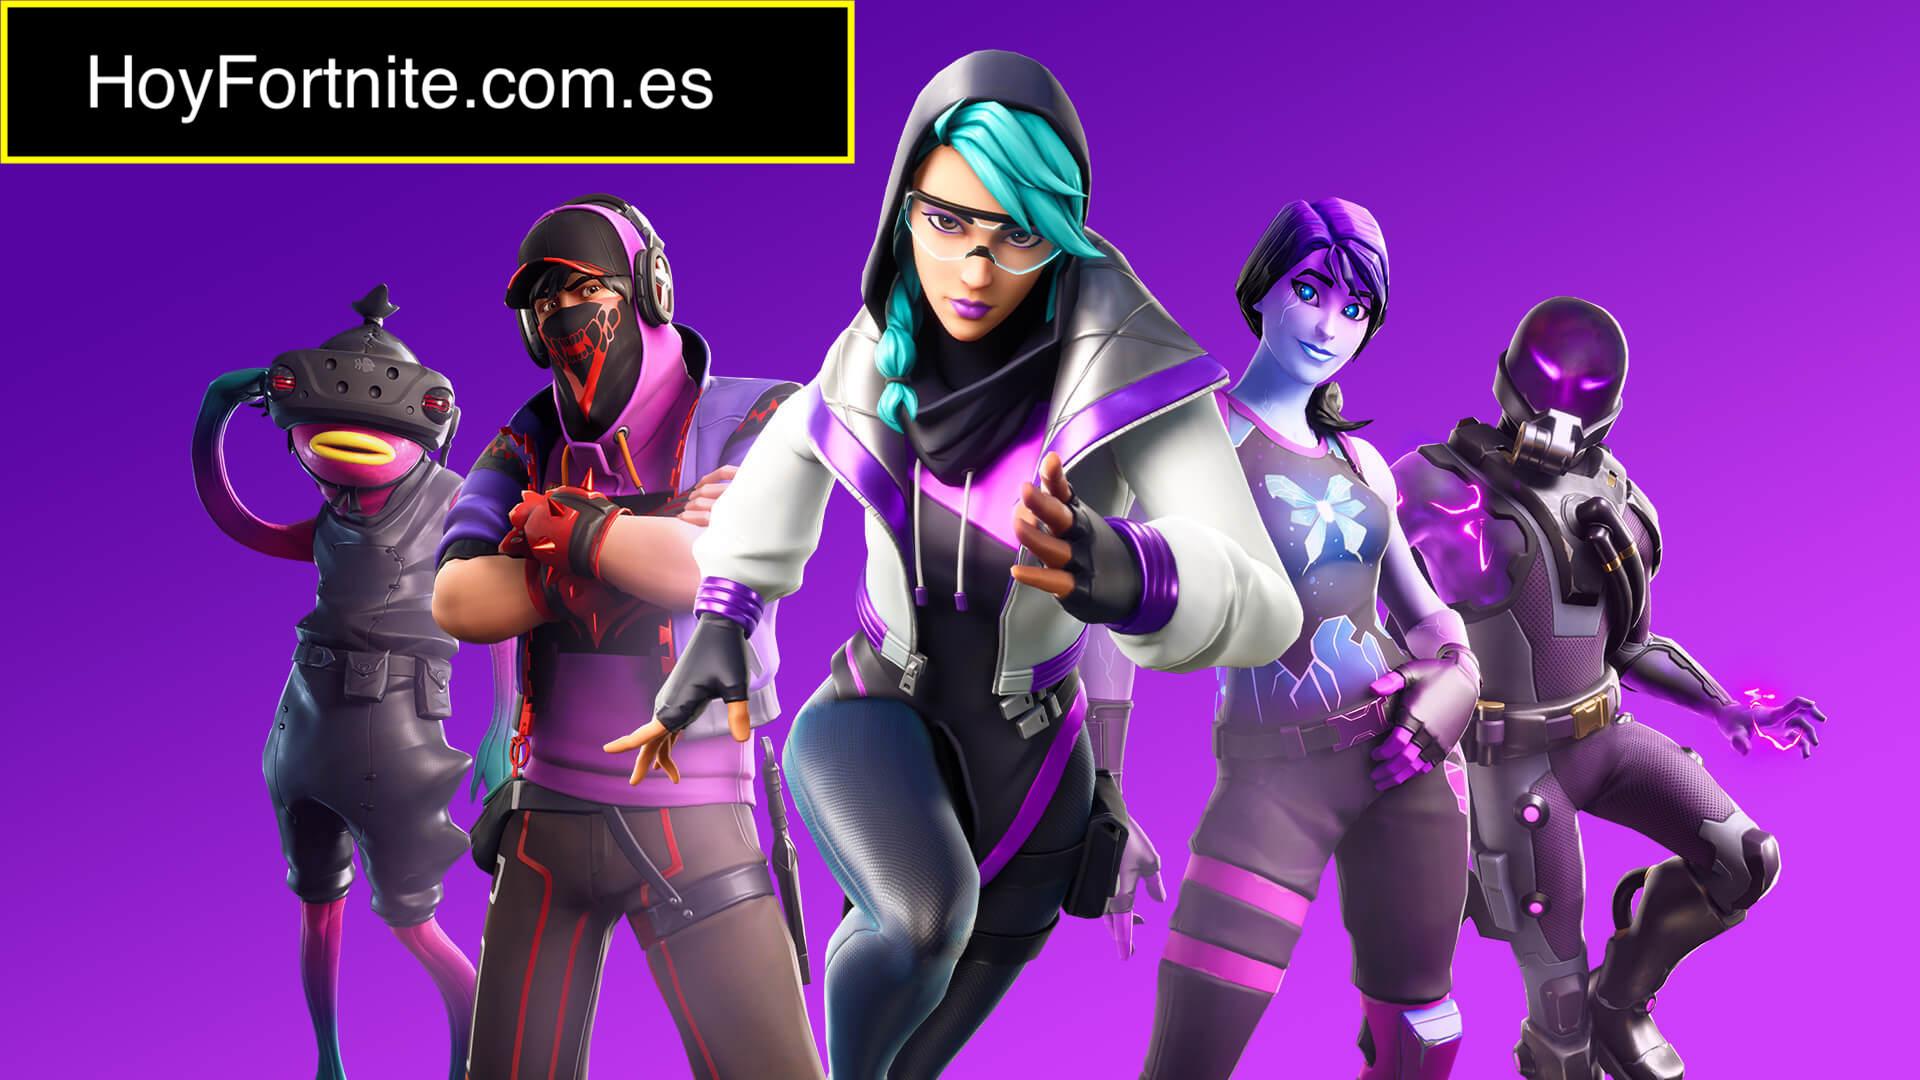 HoyFortnite.com.es